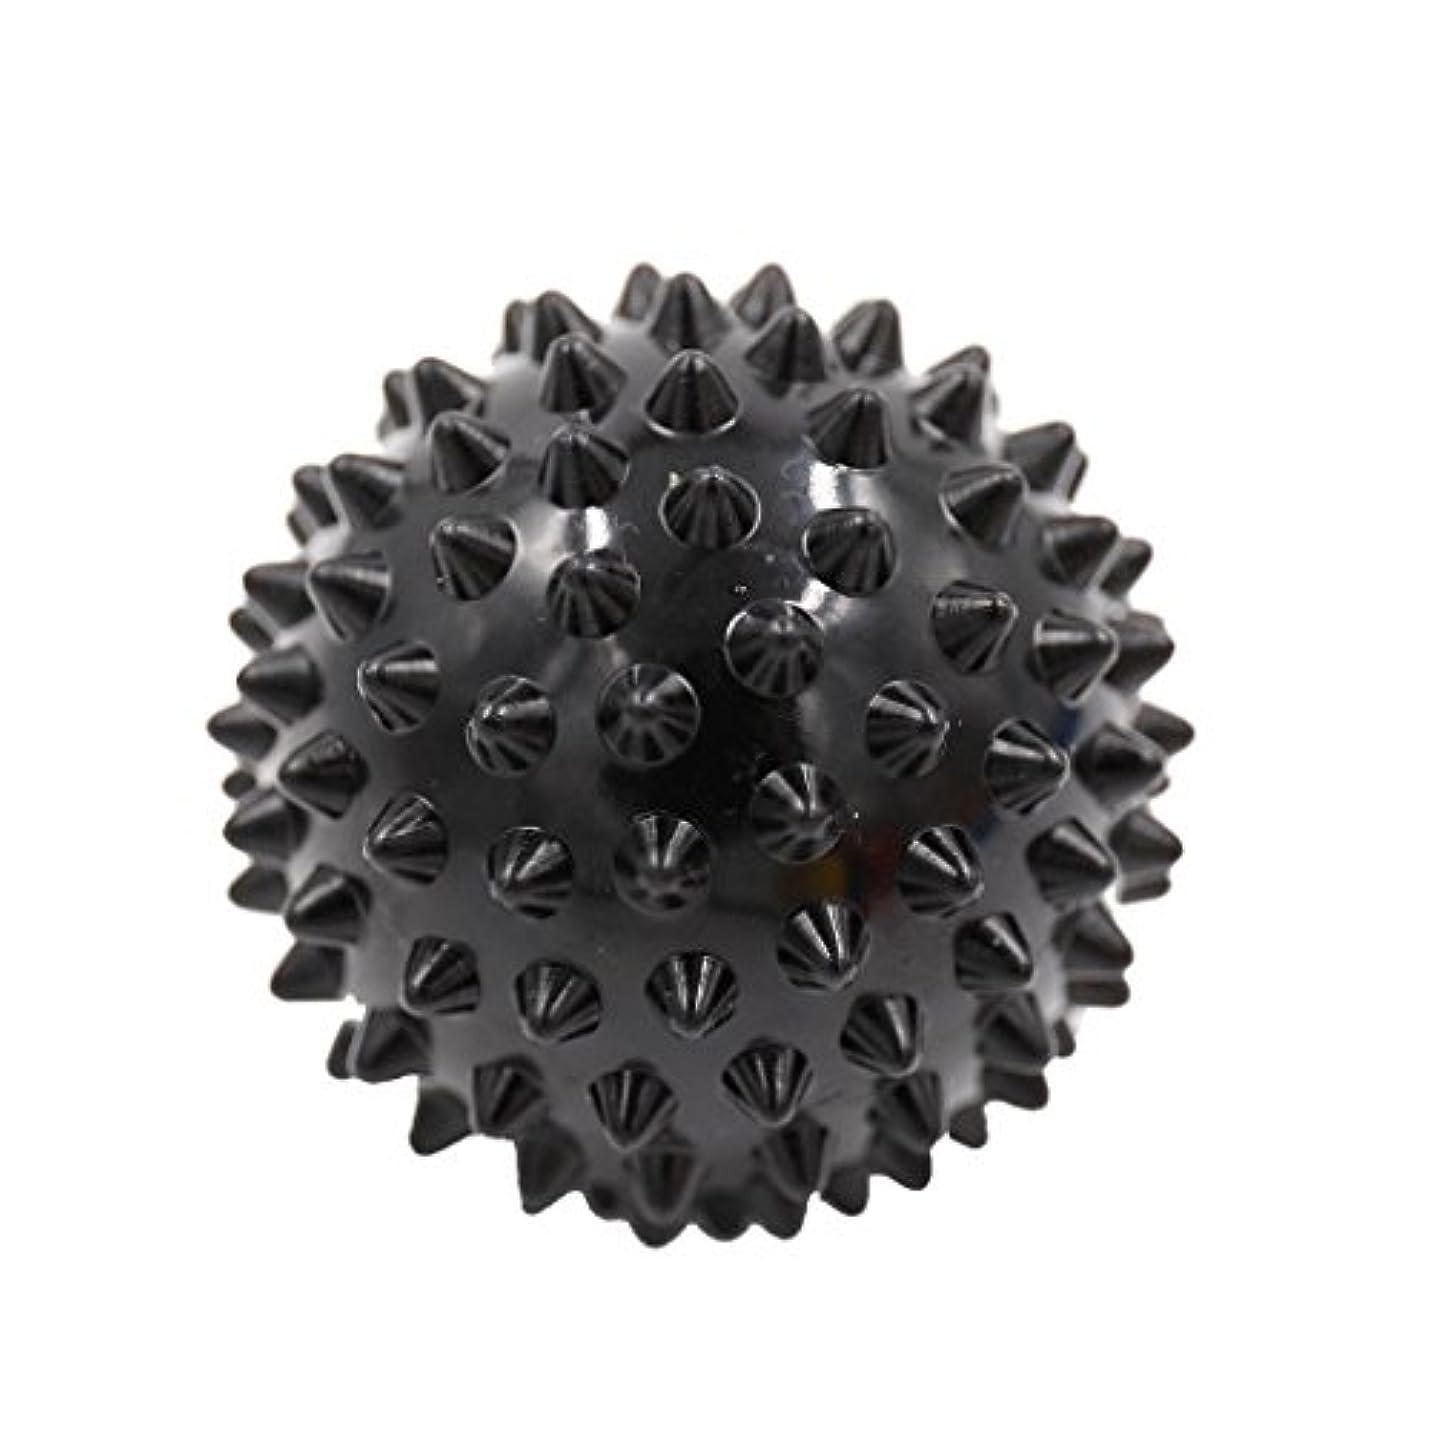 四回失業事SONONIA マッサージボール マッサージ器 マッサージャー リラックス スパイク マッサージボール 高品質 3色選べ - ブラック